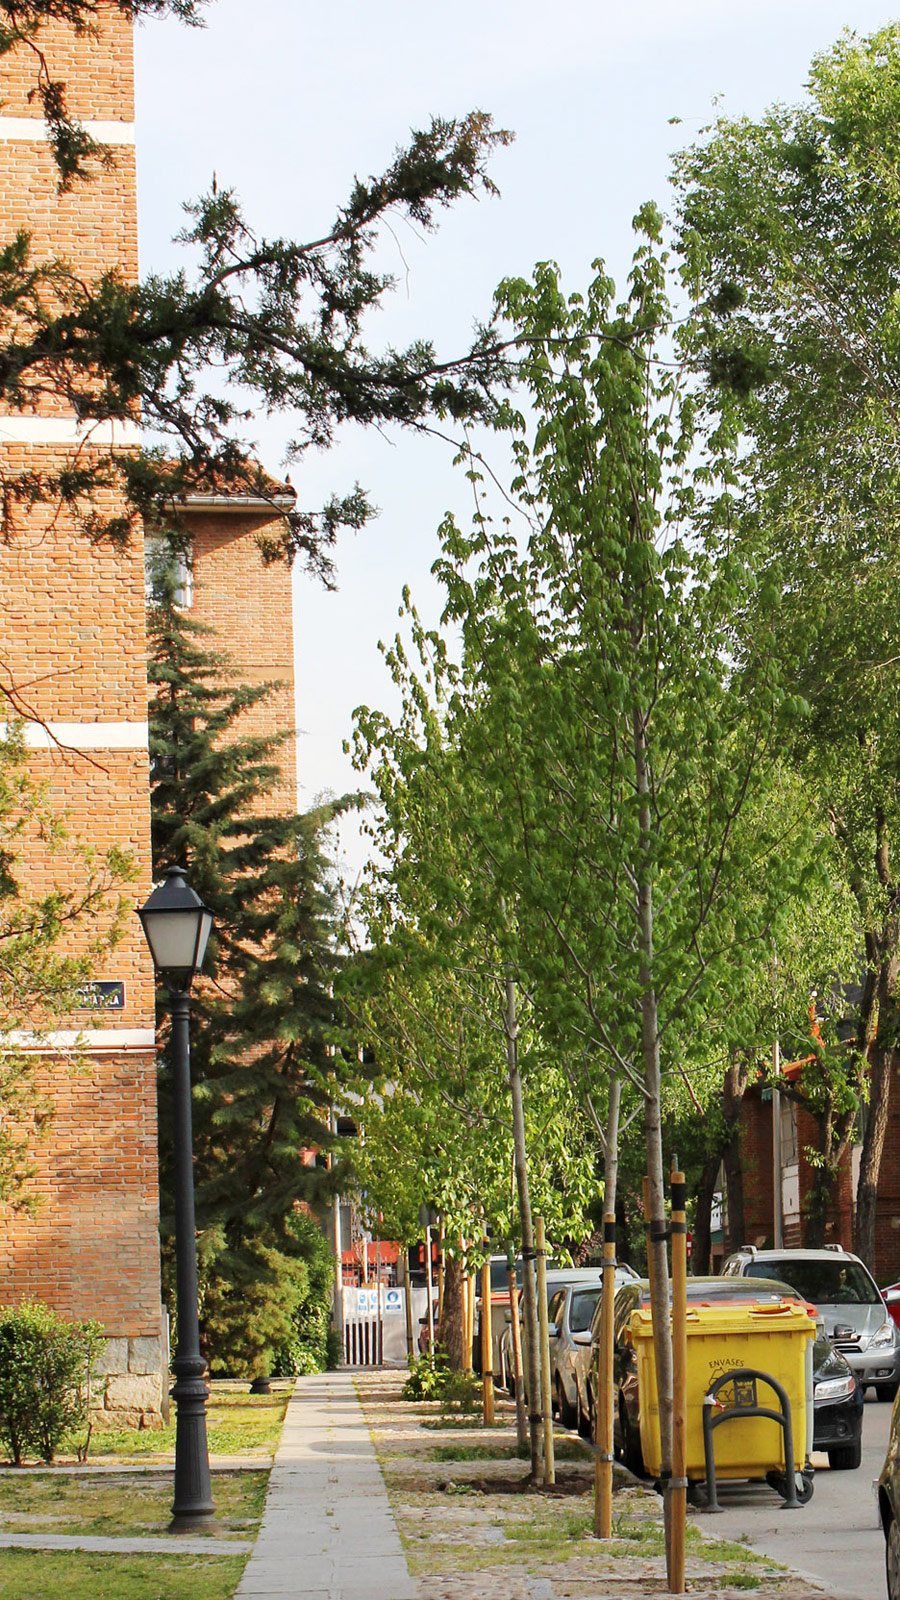 Se ha optado por la especie de árbol más adecuada para cada ubicación. valorando la disposición del espacio y el tamaño que alcanzará en su etapa madura